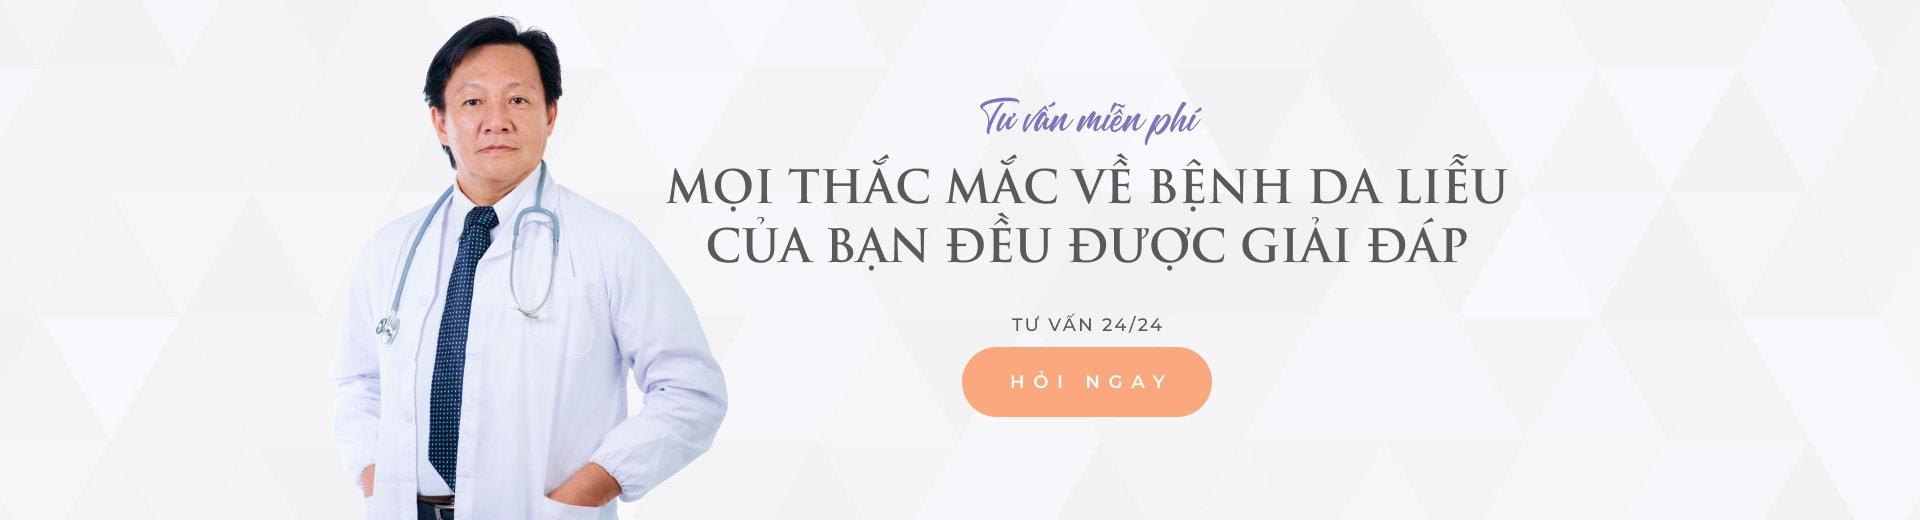 Phòng Khám Đa Khoa Thái Dương - Biên Hòa